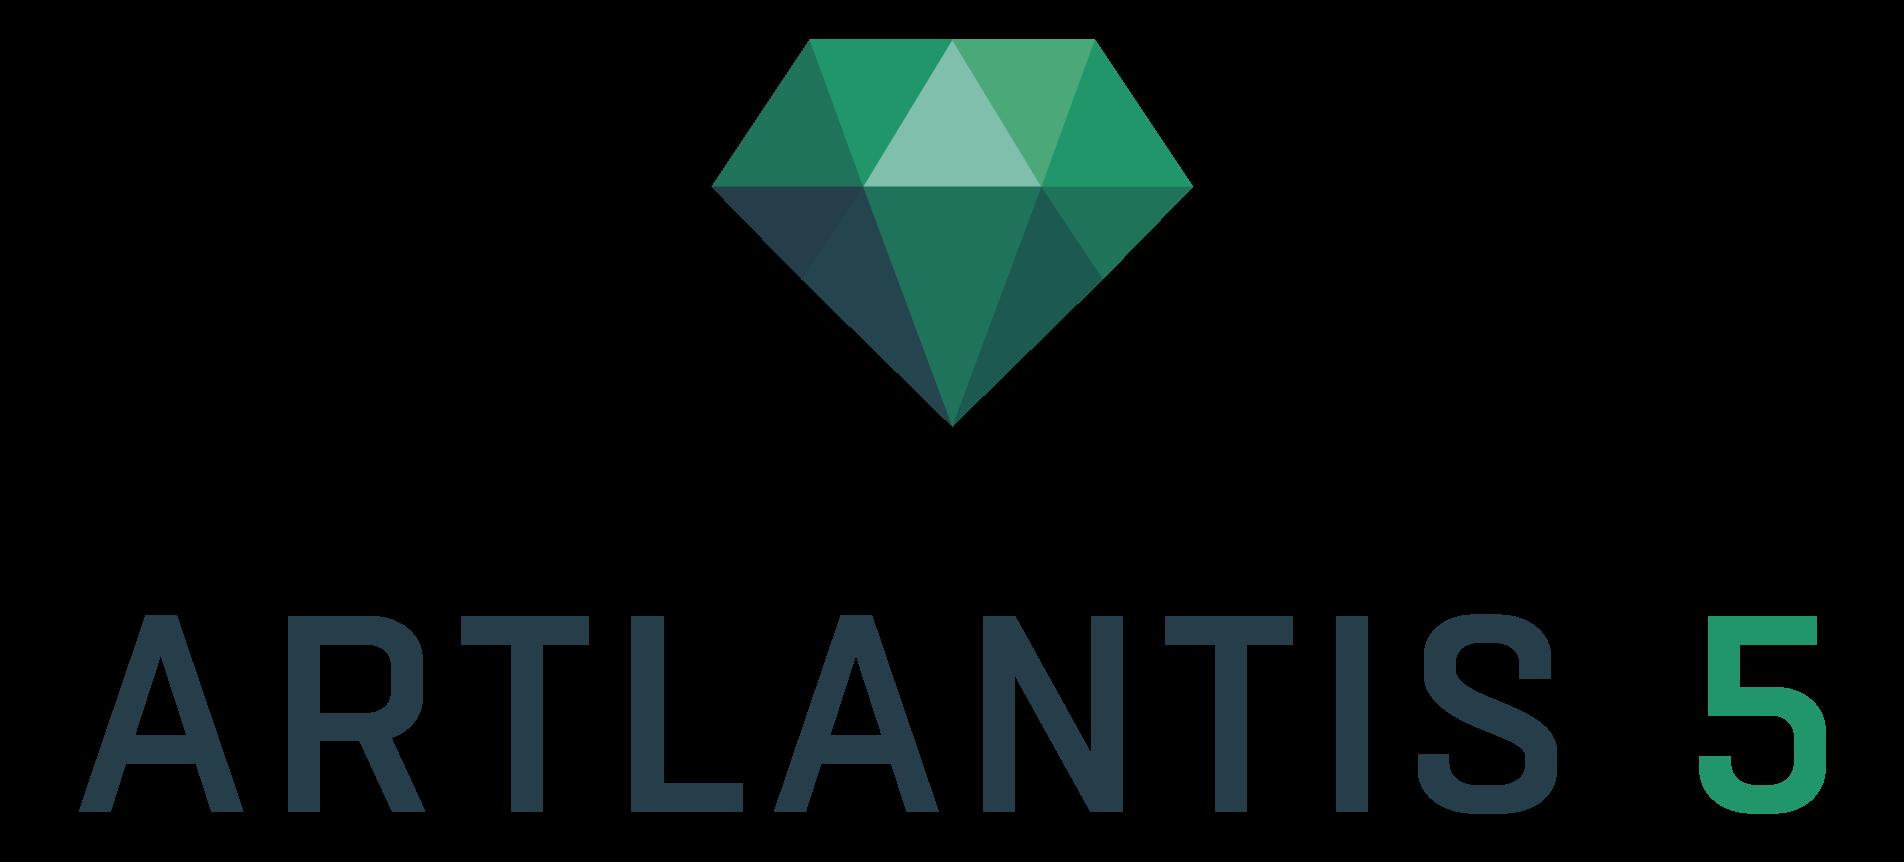 Artlantis 4 Tutorial Pdf